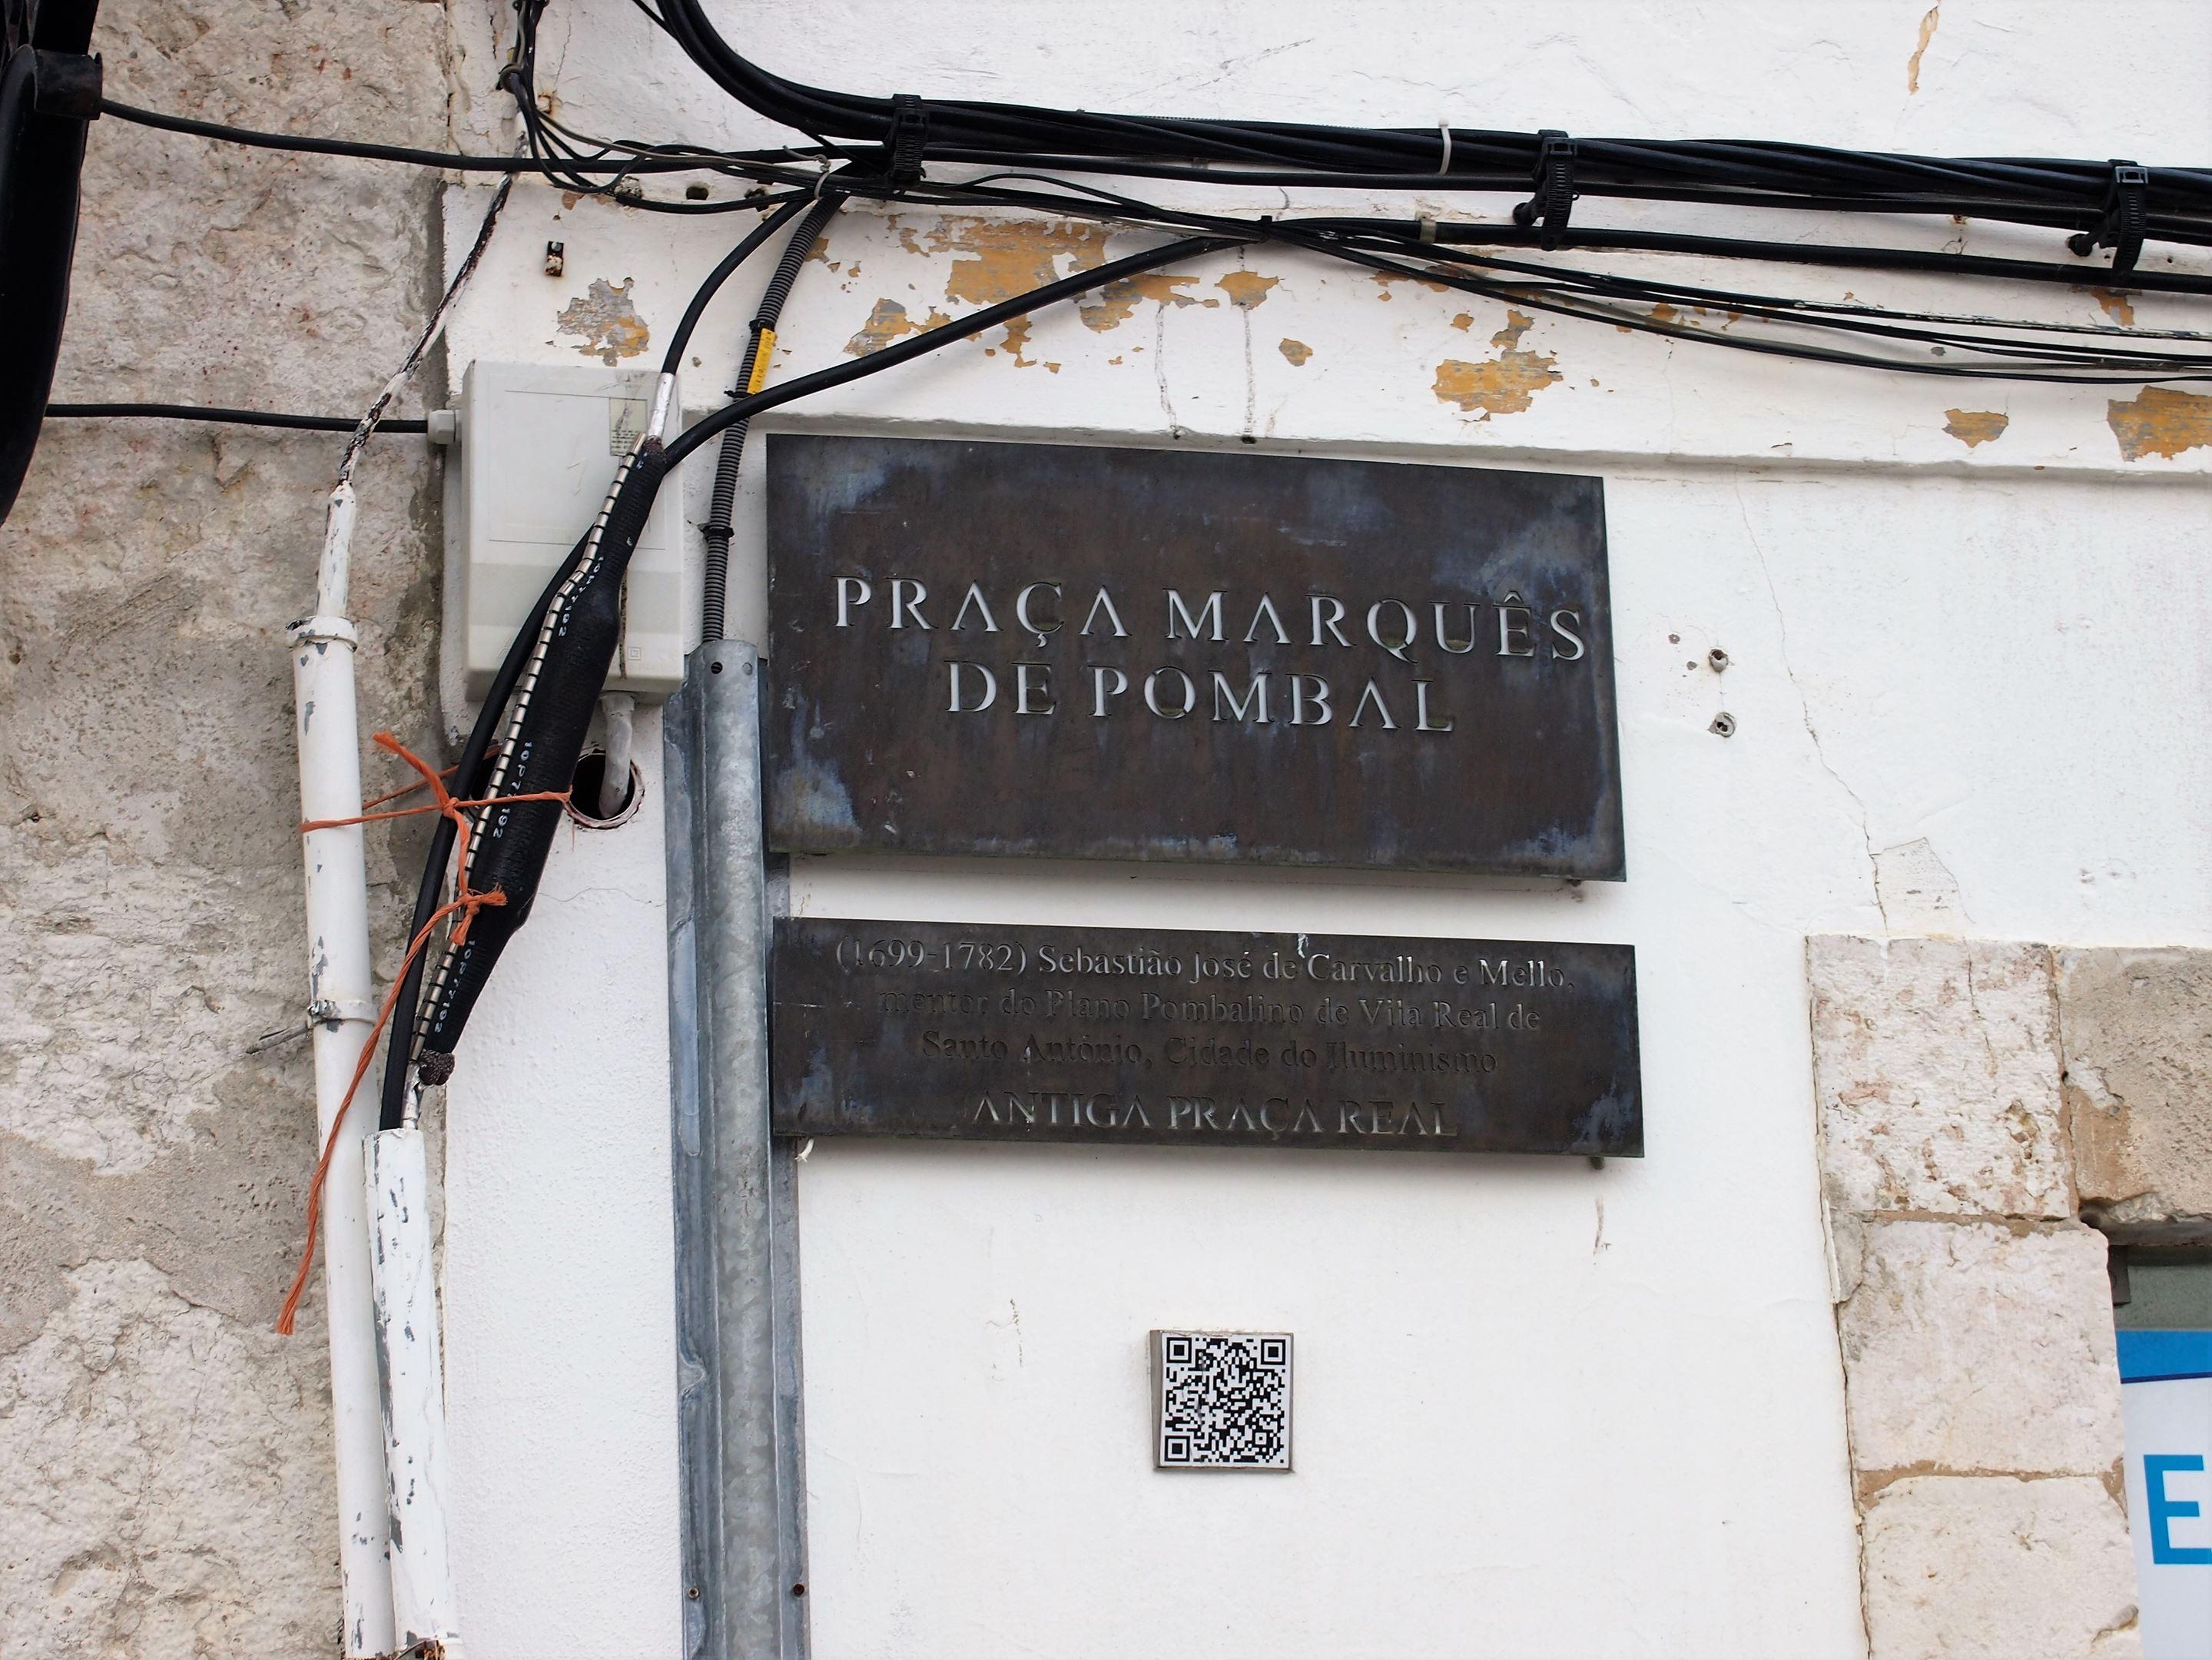 Praça Marquês de Pombal, em homenagem a Sebastião José de Carvalho e Mello, o Marquês de Pombal. Ex-embaixador no Reino Unido e Primeiro-ministro. Aboliu a escravatura em Portugal